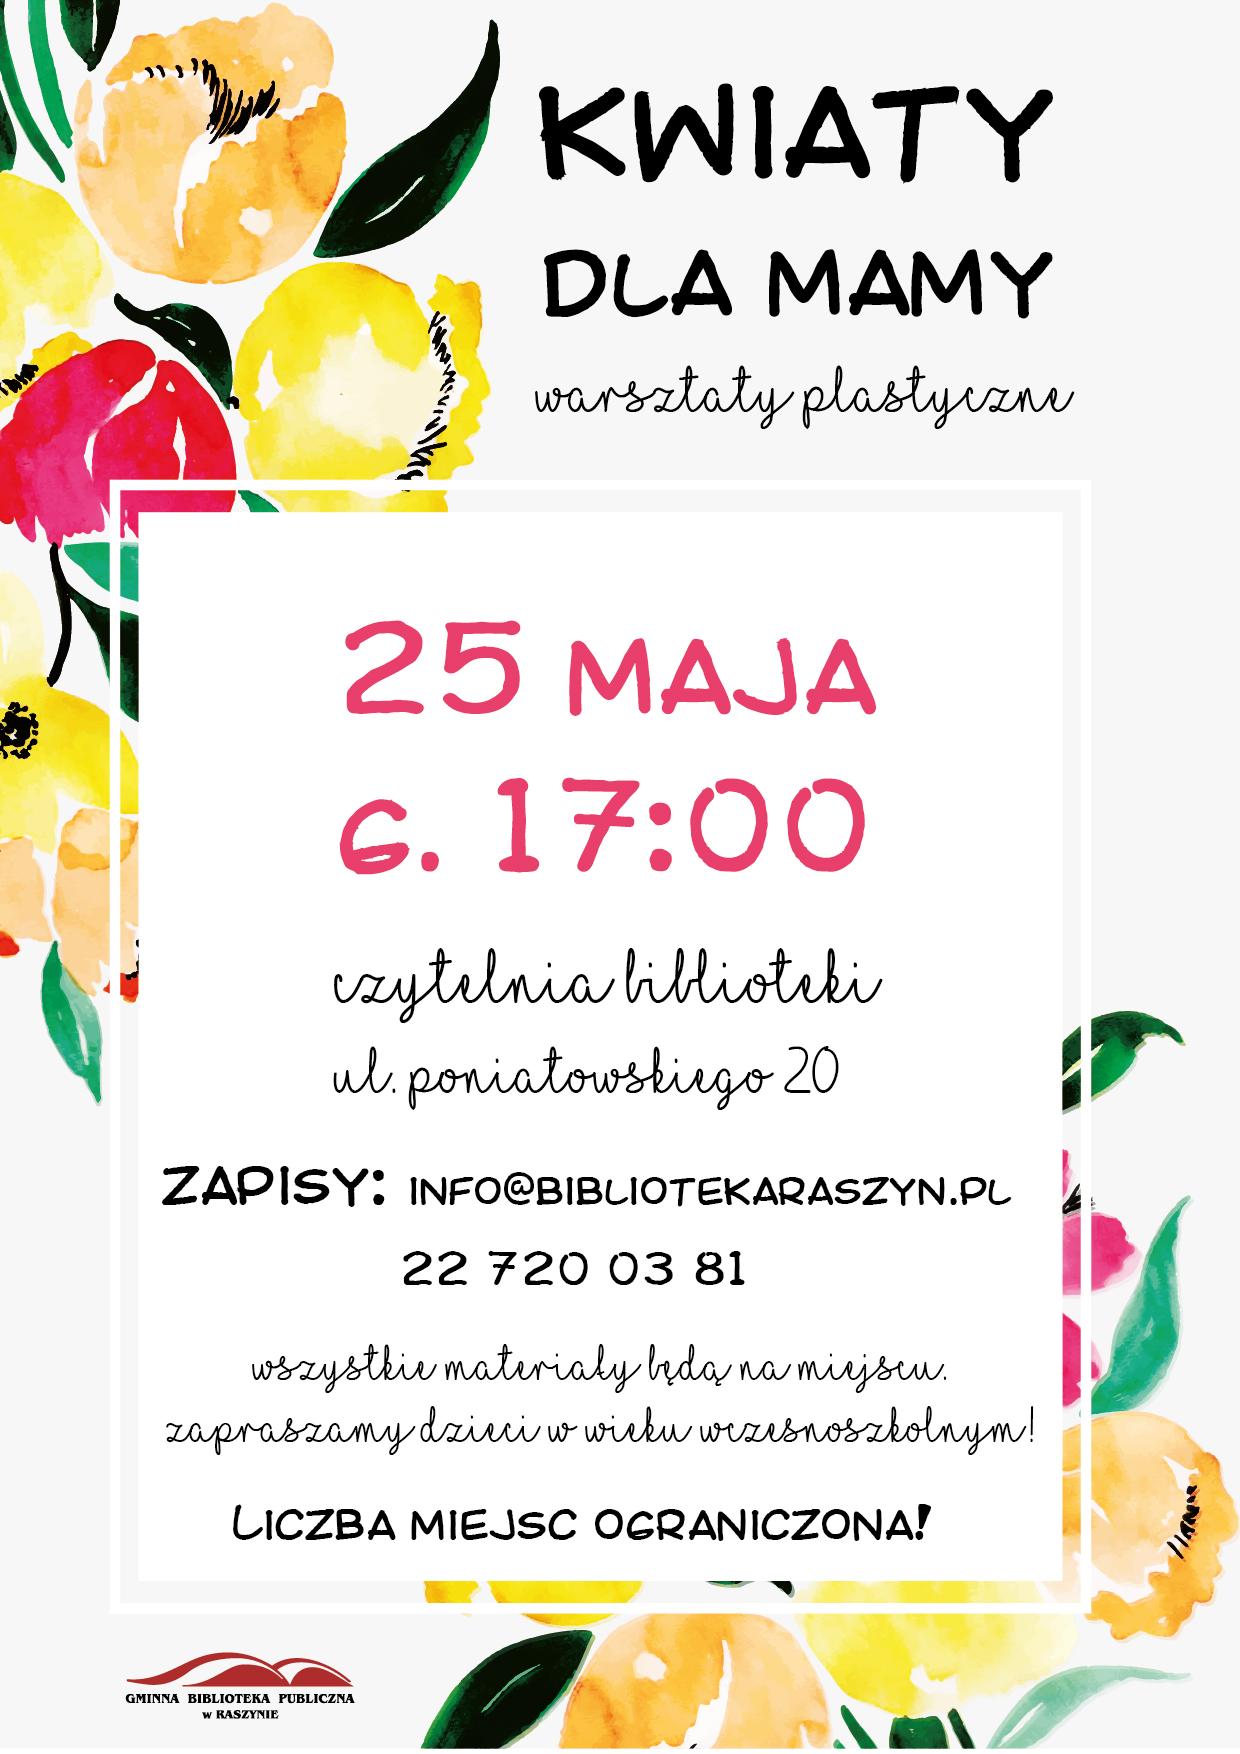 kwiaty-dla-mamy-01-01